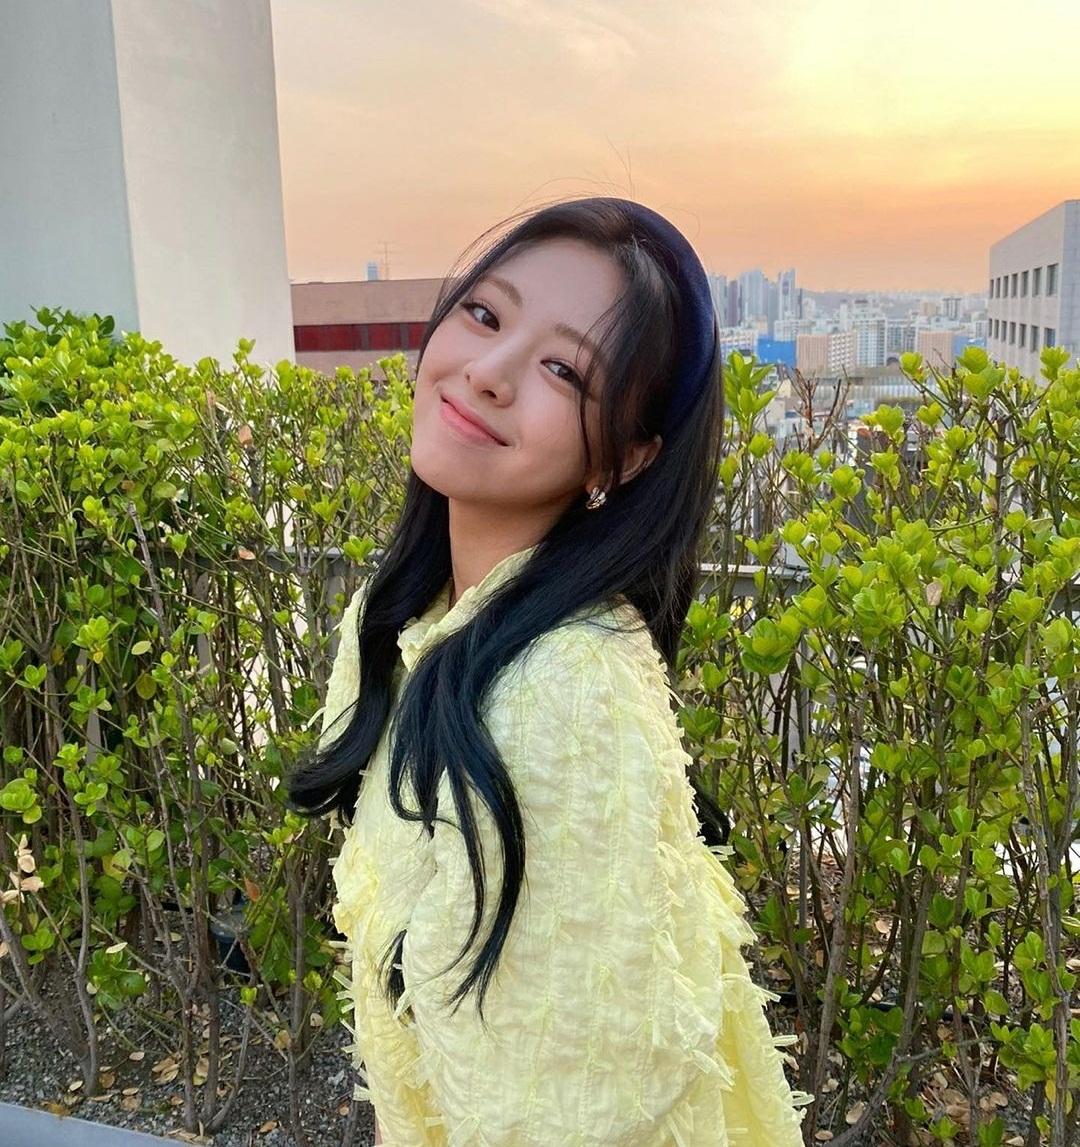 Yuna (ITZY) bị chê vì chiếc áo thùng thình như áo bầu nhưng nhan sắc trẻ trung tươi tắn giúp cô nàng gỡ gạc phần nào.